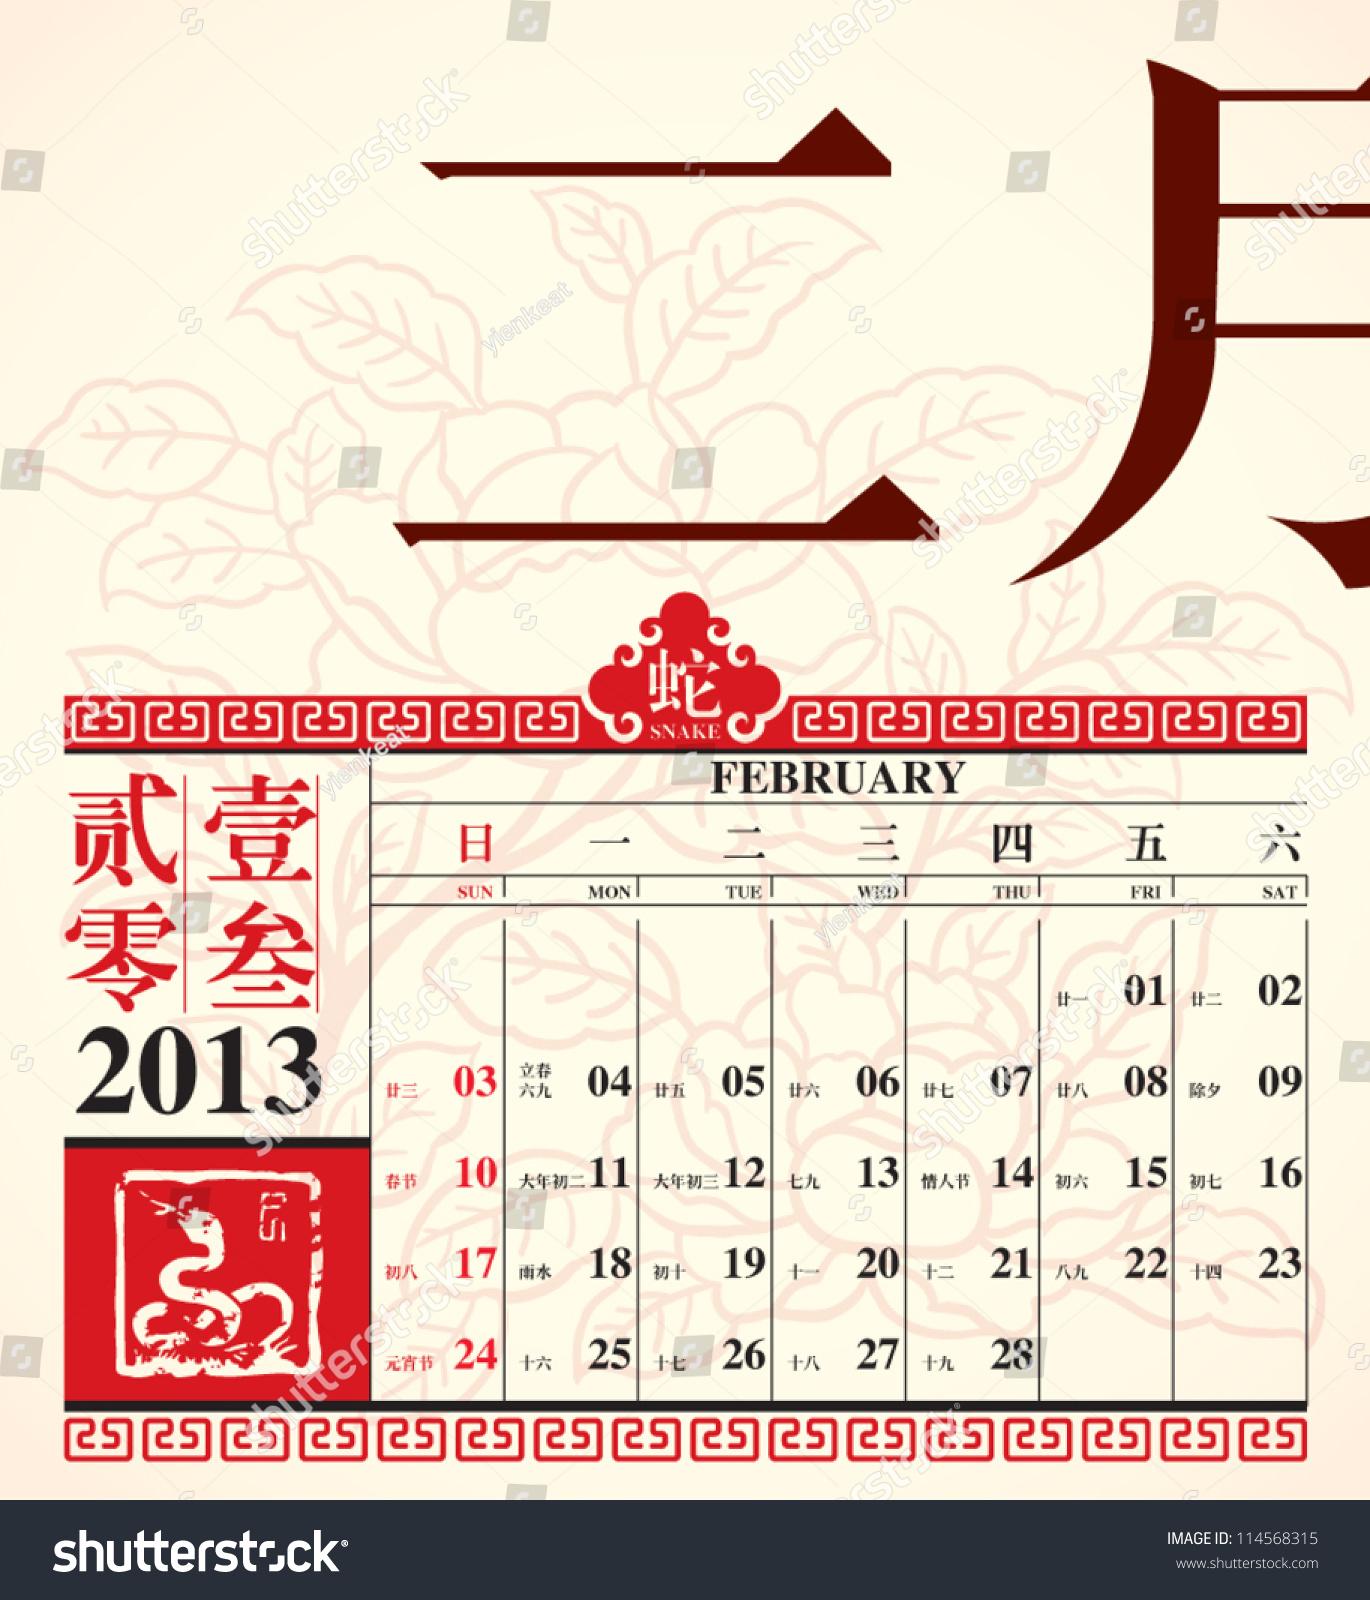 Retro Calendar Design : Vector retro chinese calendar design stock